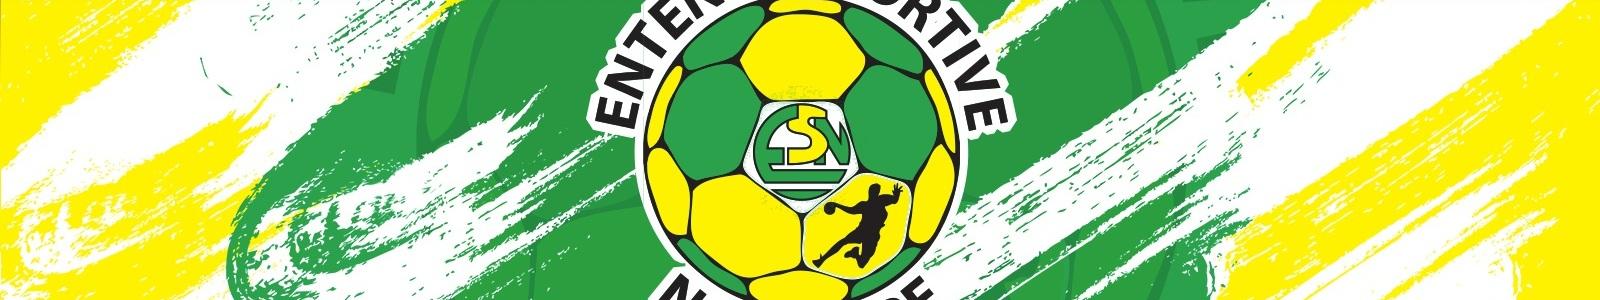 Entente Sportive de Nanterre Handball : site officiel du club de handball de nanterre - clubeo